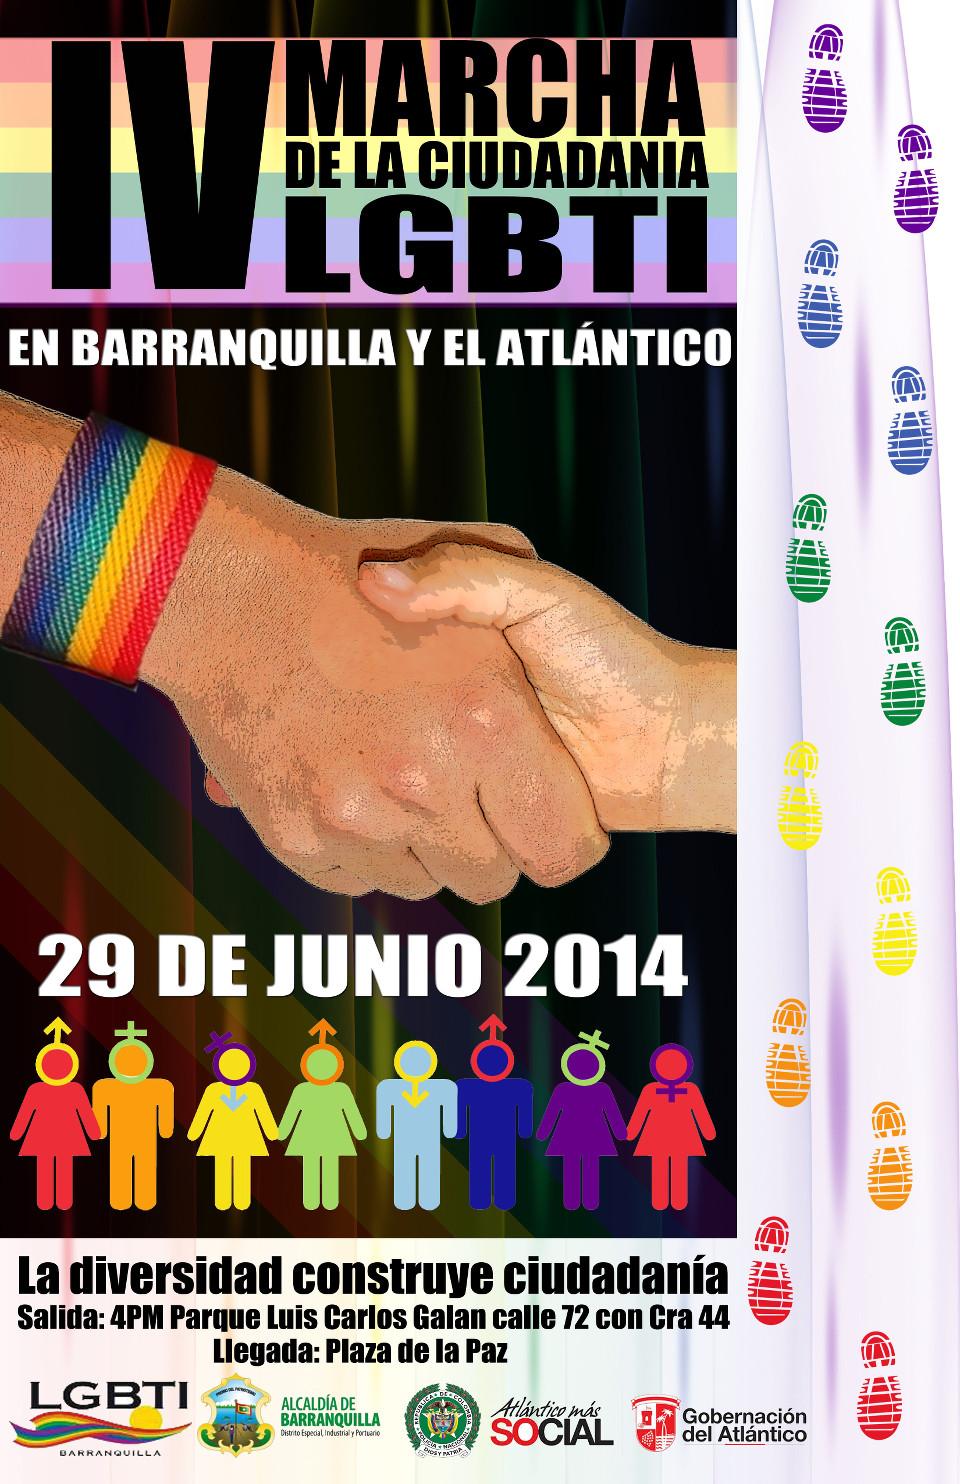 IV marcha de la ciudadanía LGBTI en Barranquilla y el Atlántico - 29 de Junio 2014 - La diversidad construye ciudadanía - Salida: 4 P.M. Parque Luis Carlos Galan calle 72 con carrera 44 - Llegada: Plaza de la Paz